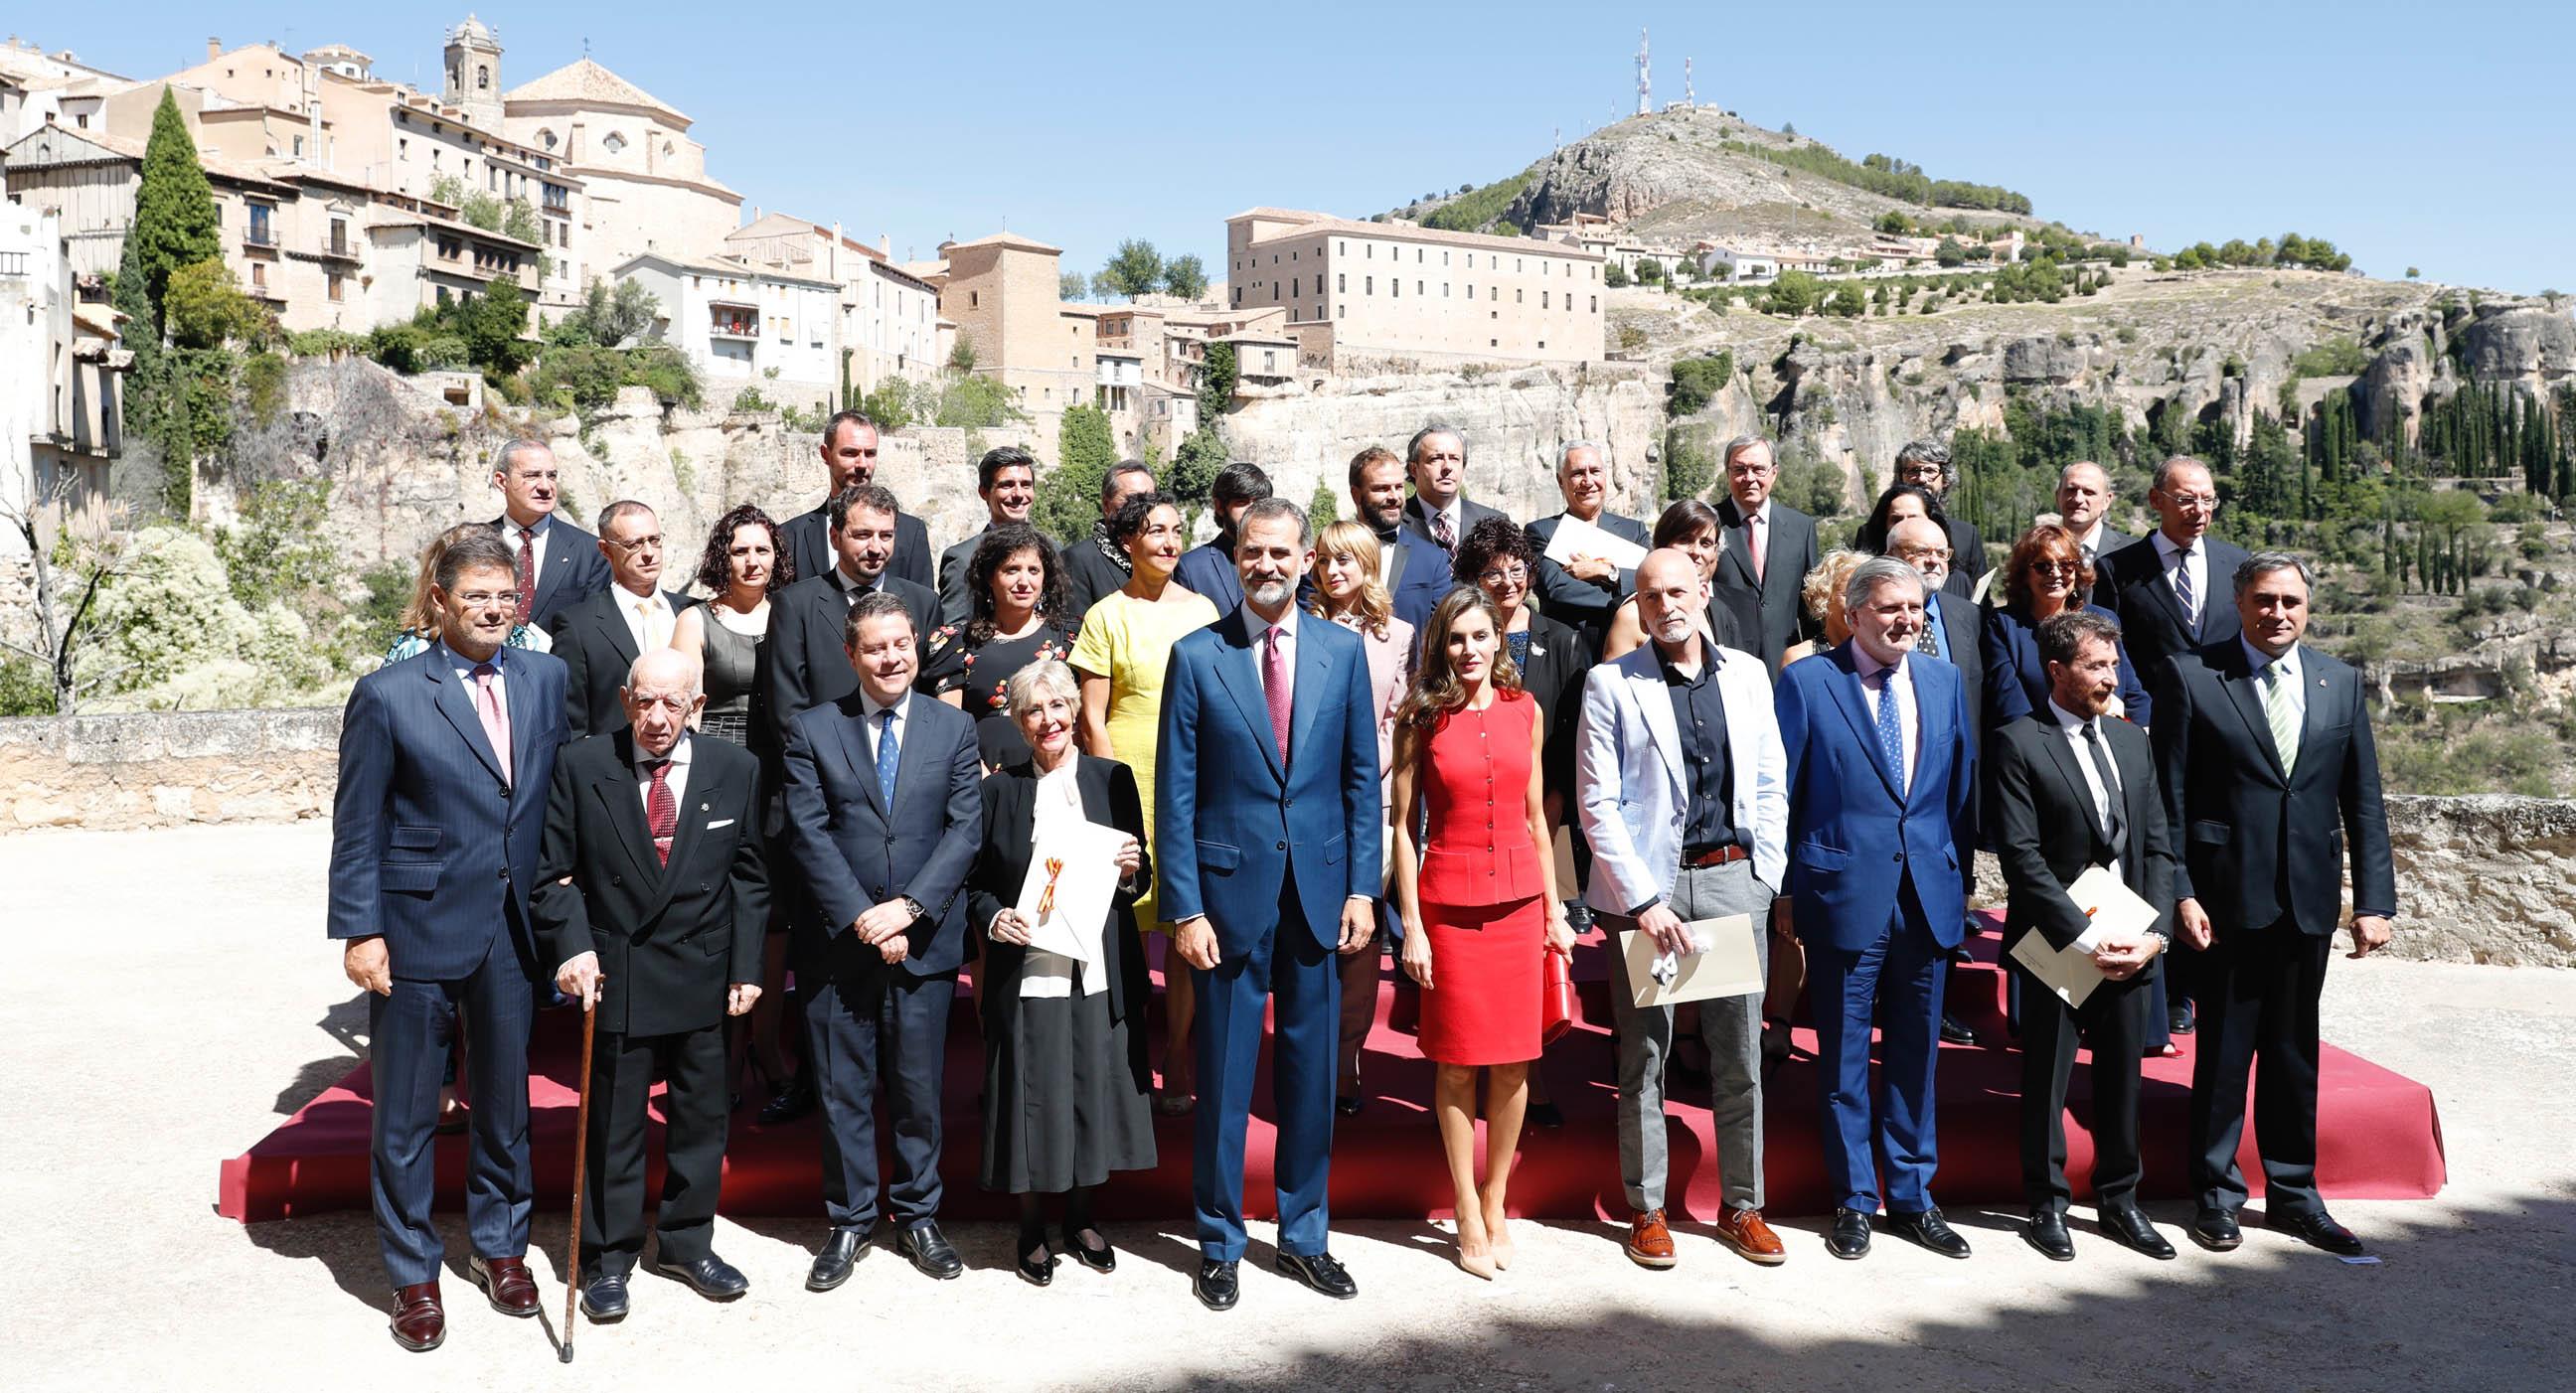 Los Reyes han hecho entrega hoy en la Catedral de Cuenca de los Premios Nacionales 2016, galardones con los que el Ministerio de Educación, Cultura y Deporte distingue a personalidades del mundo de la Cultura.